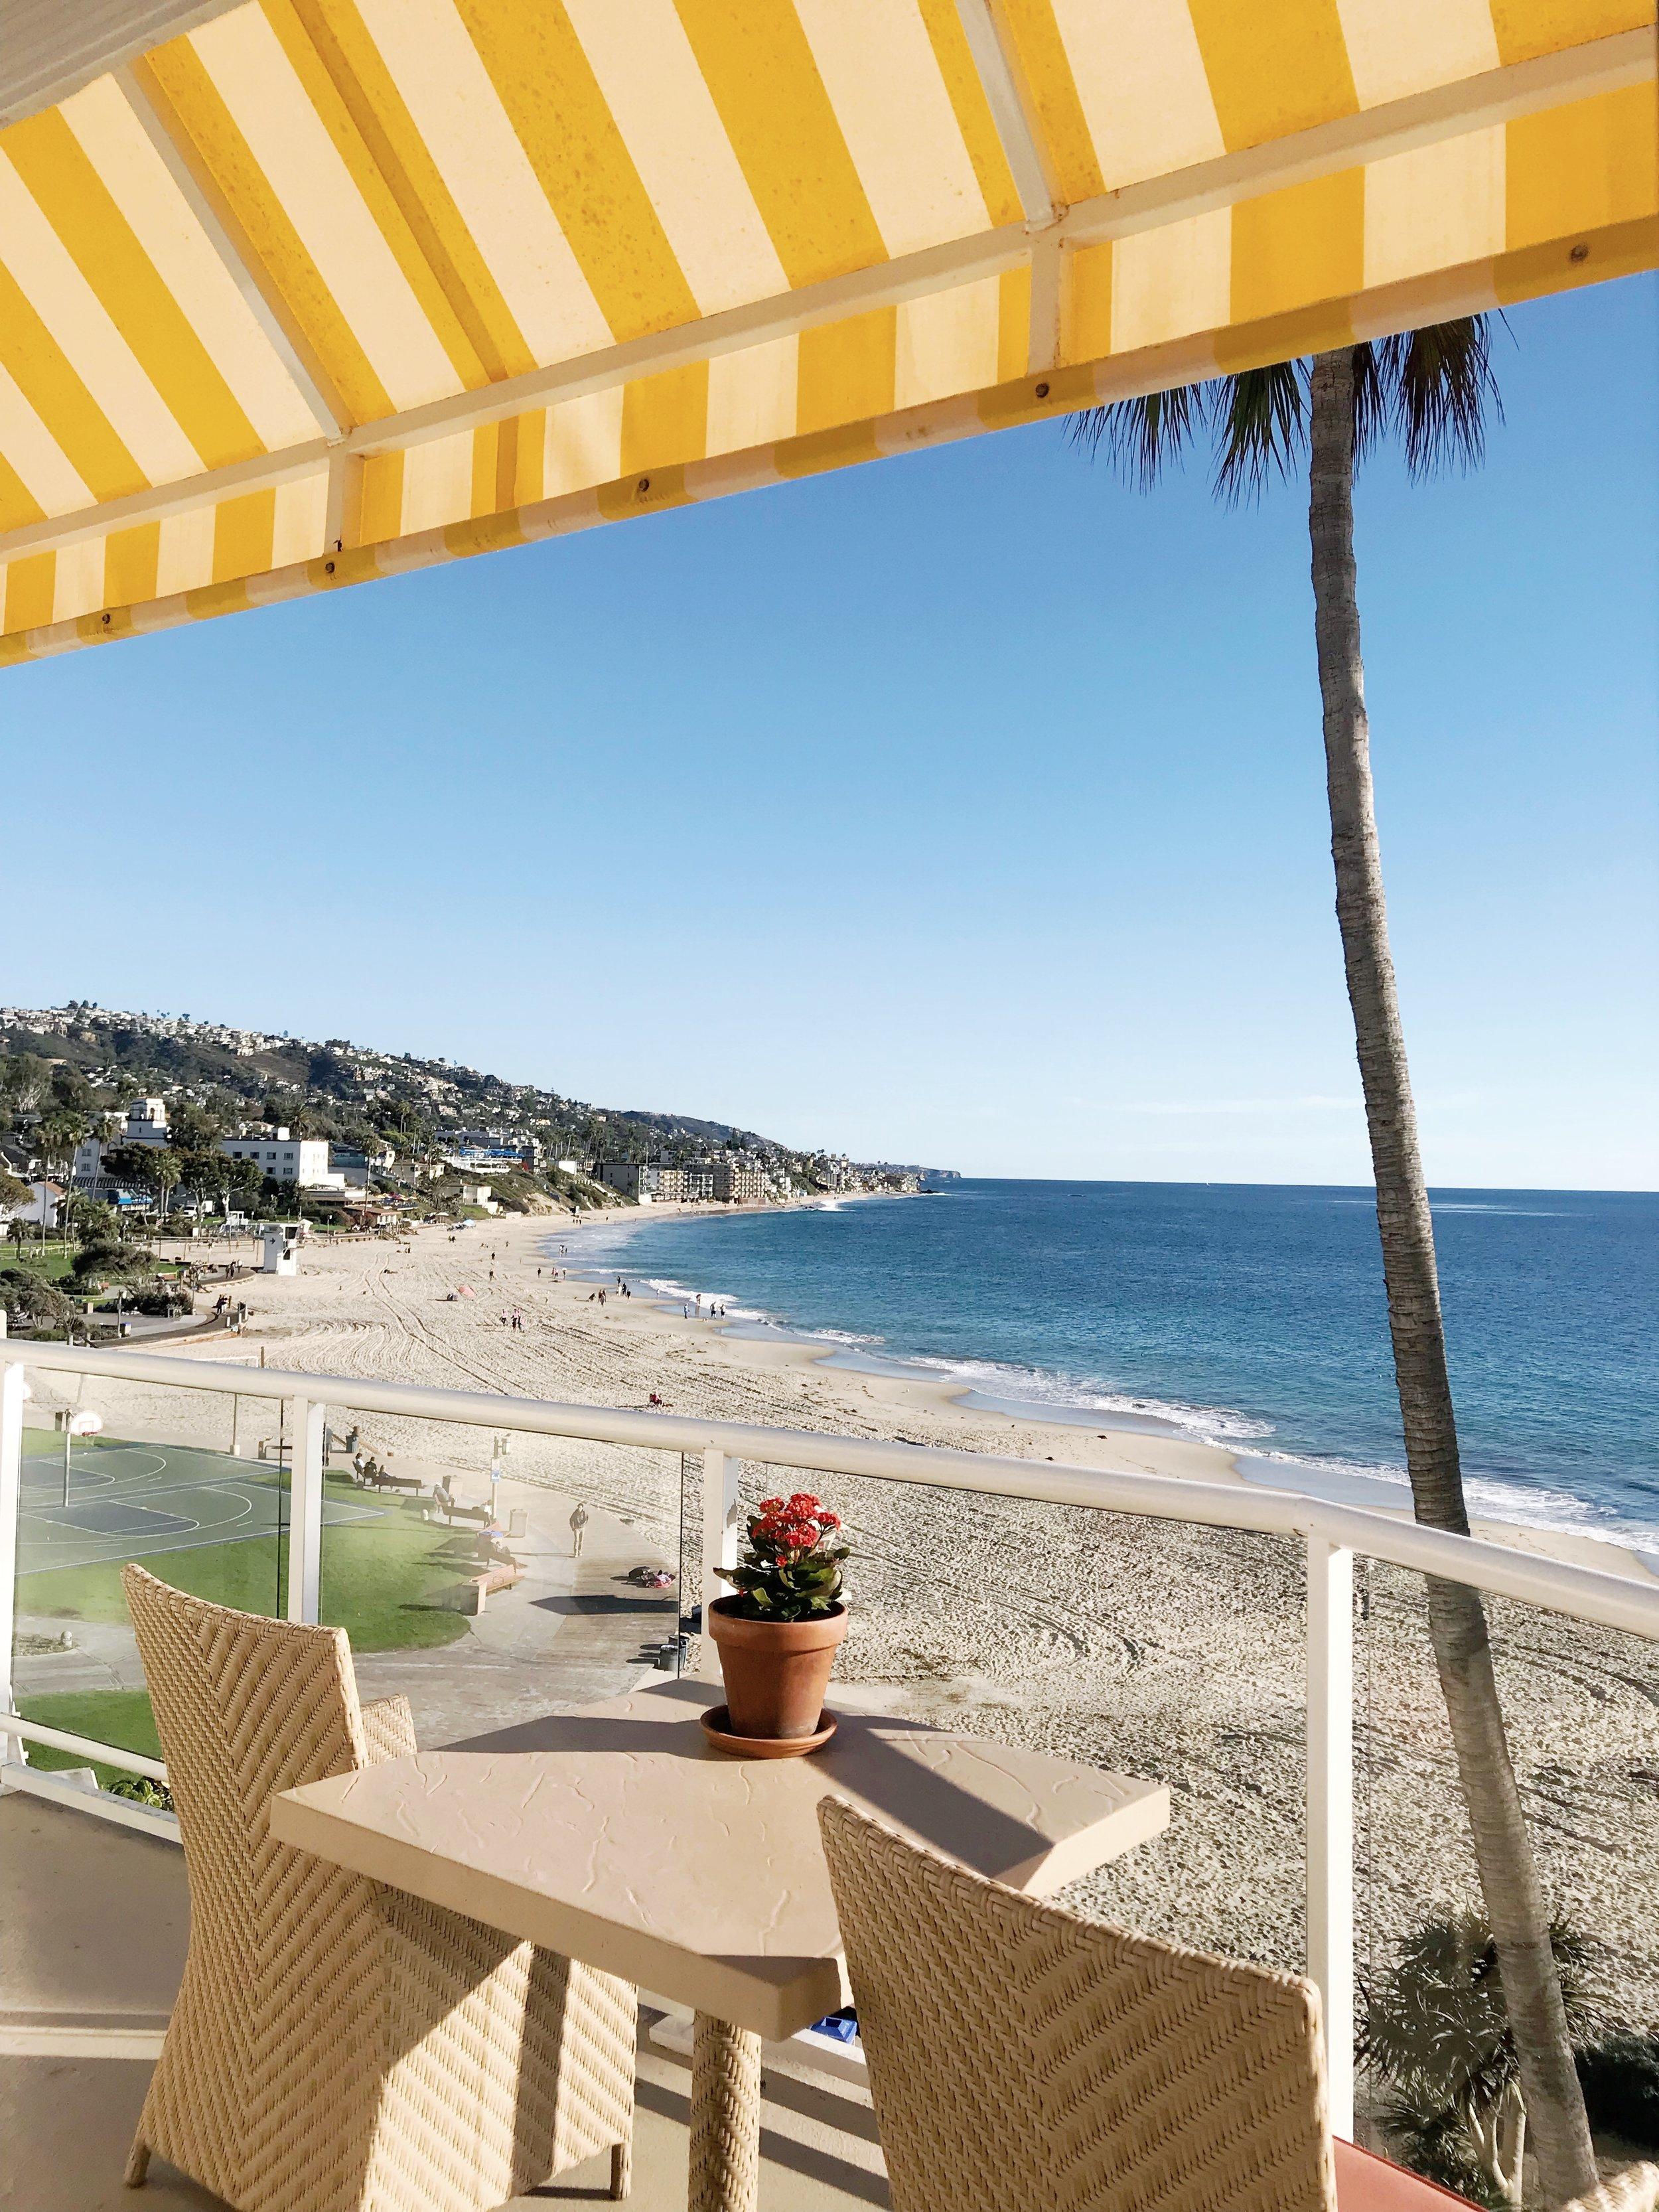 Stunning views from the Inn at Laguna Beach